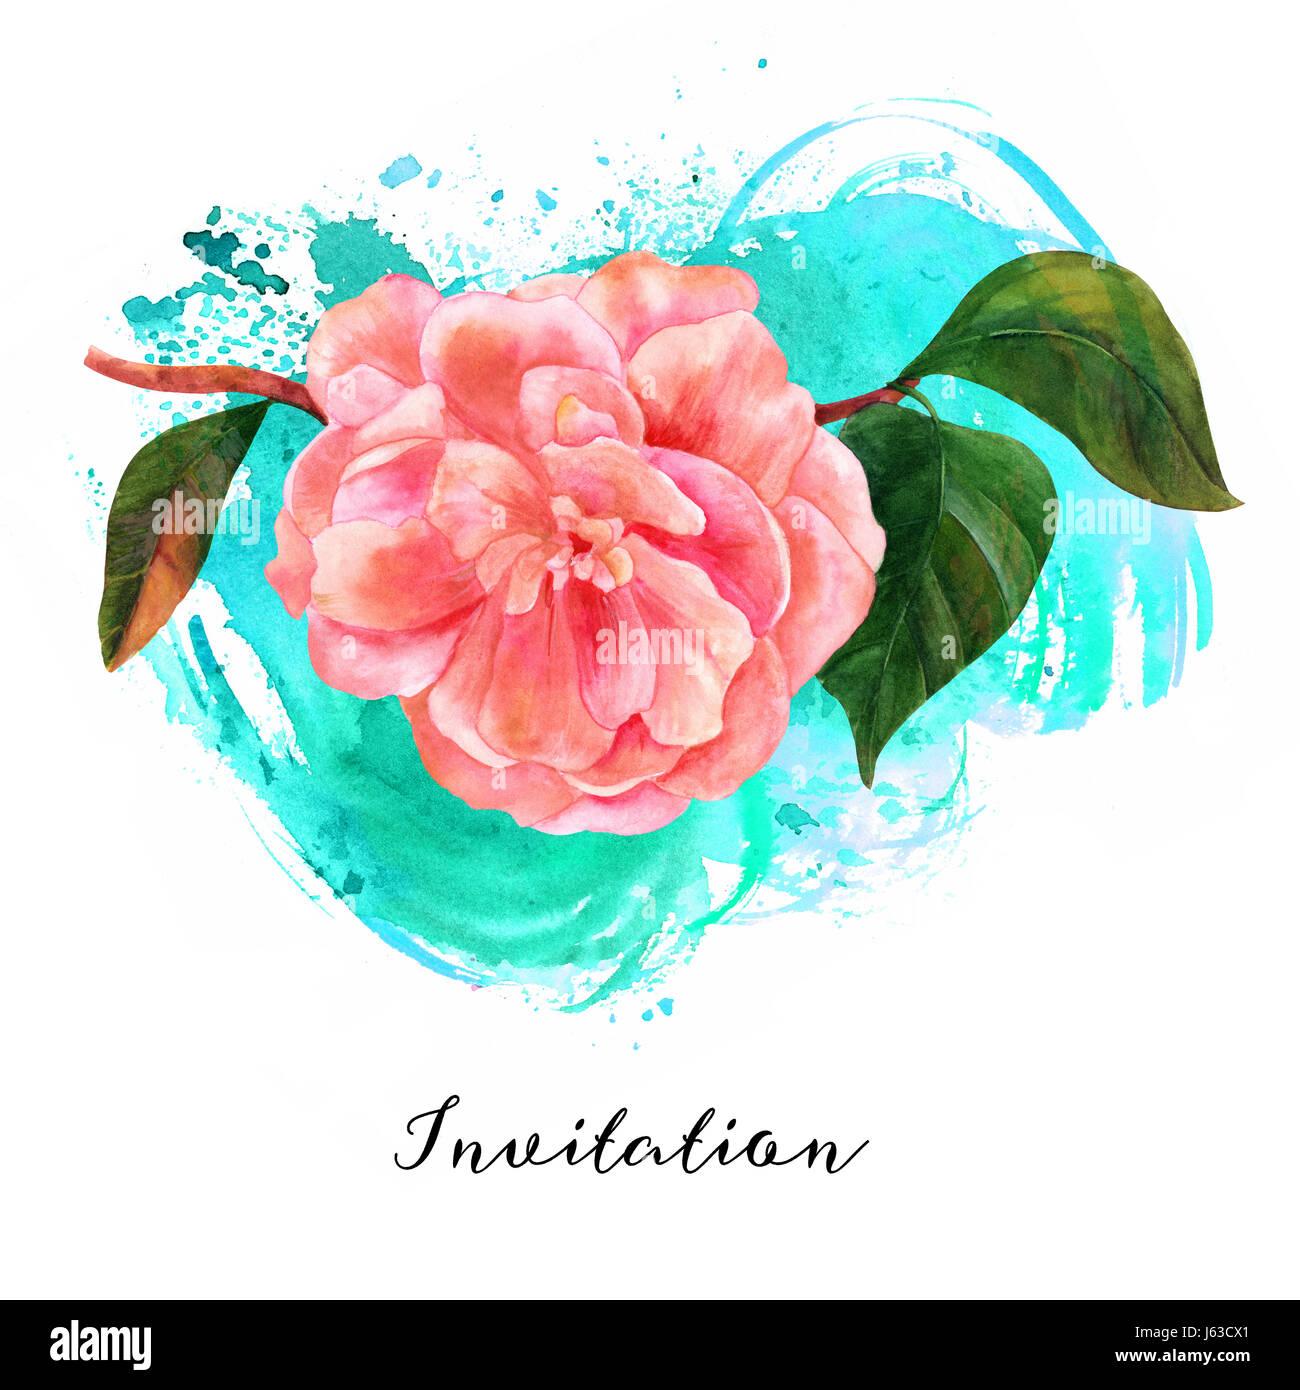 Une Aquarelle Dessin D Une Fleur De Camelia Rose Tendre En Fleur